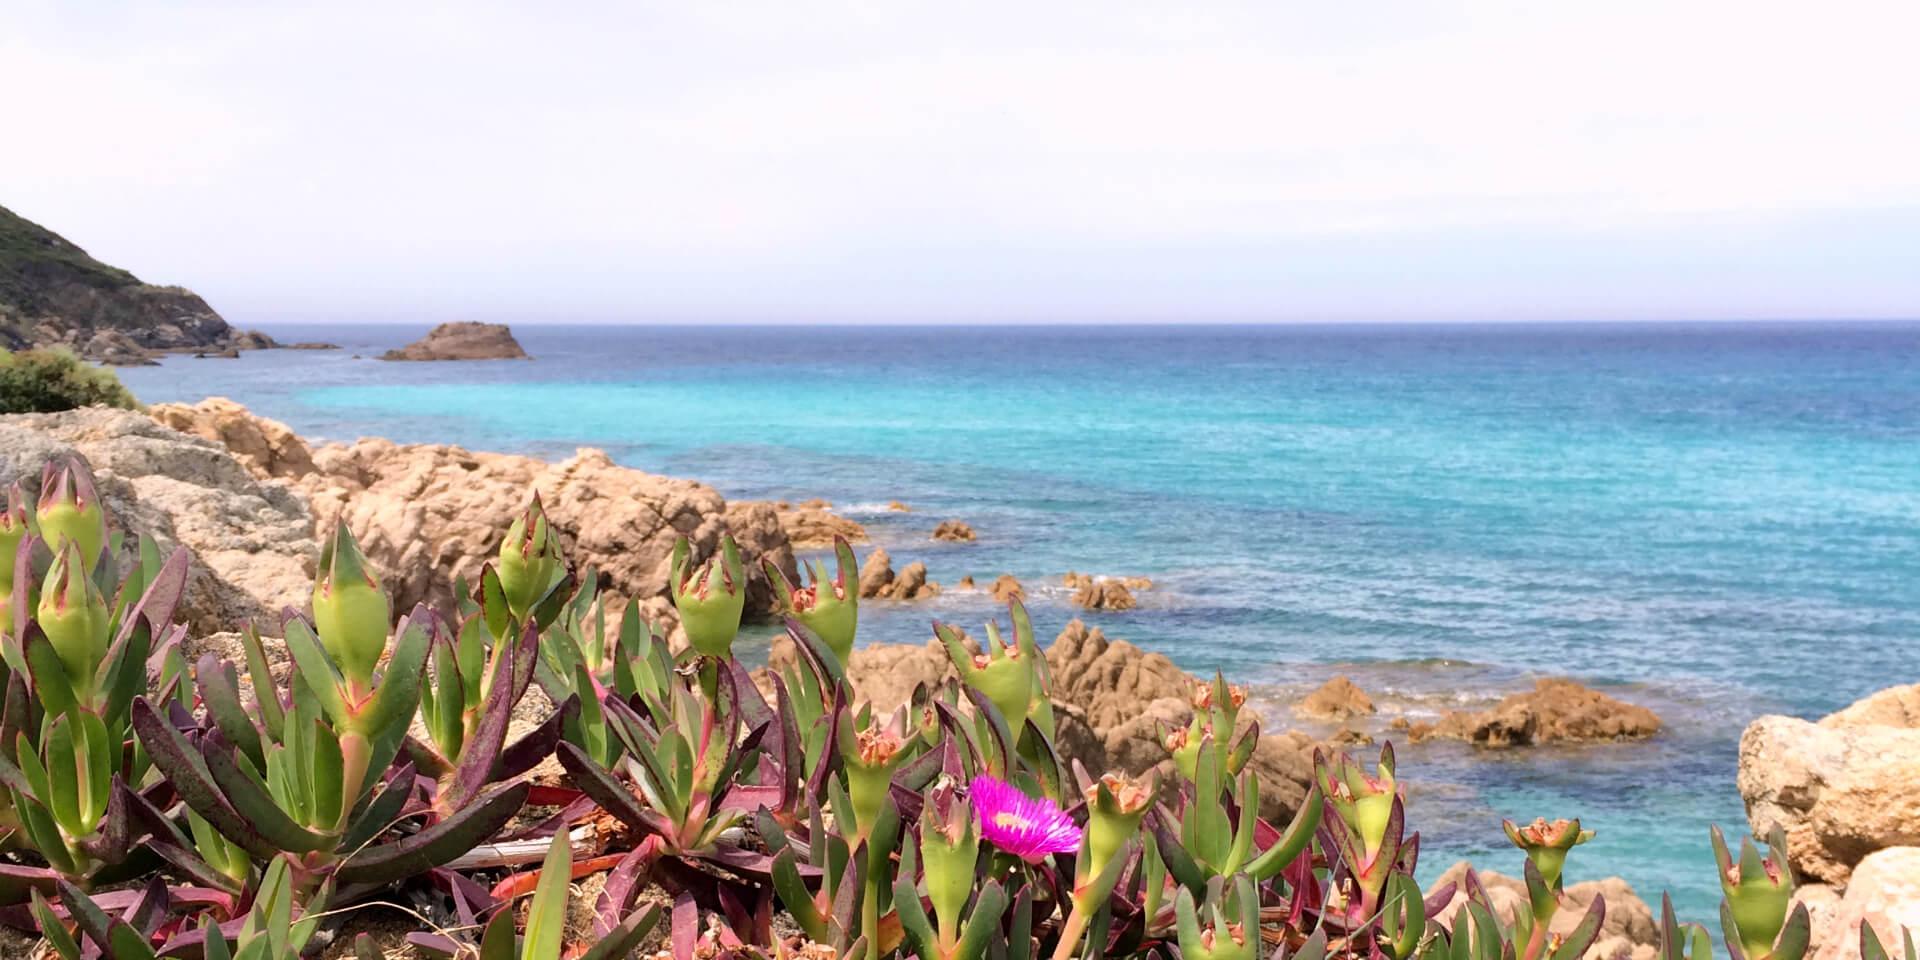 Végétation sur le Sentier des Douaniers près d'Ajaccio, Corse.